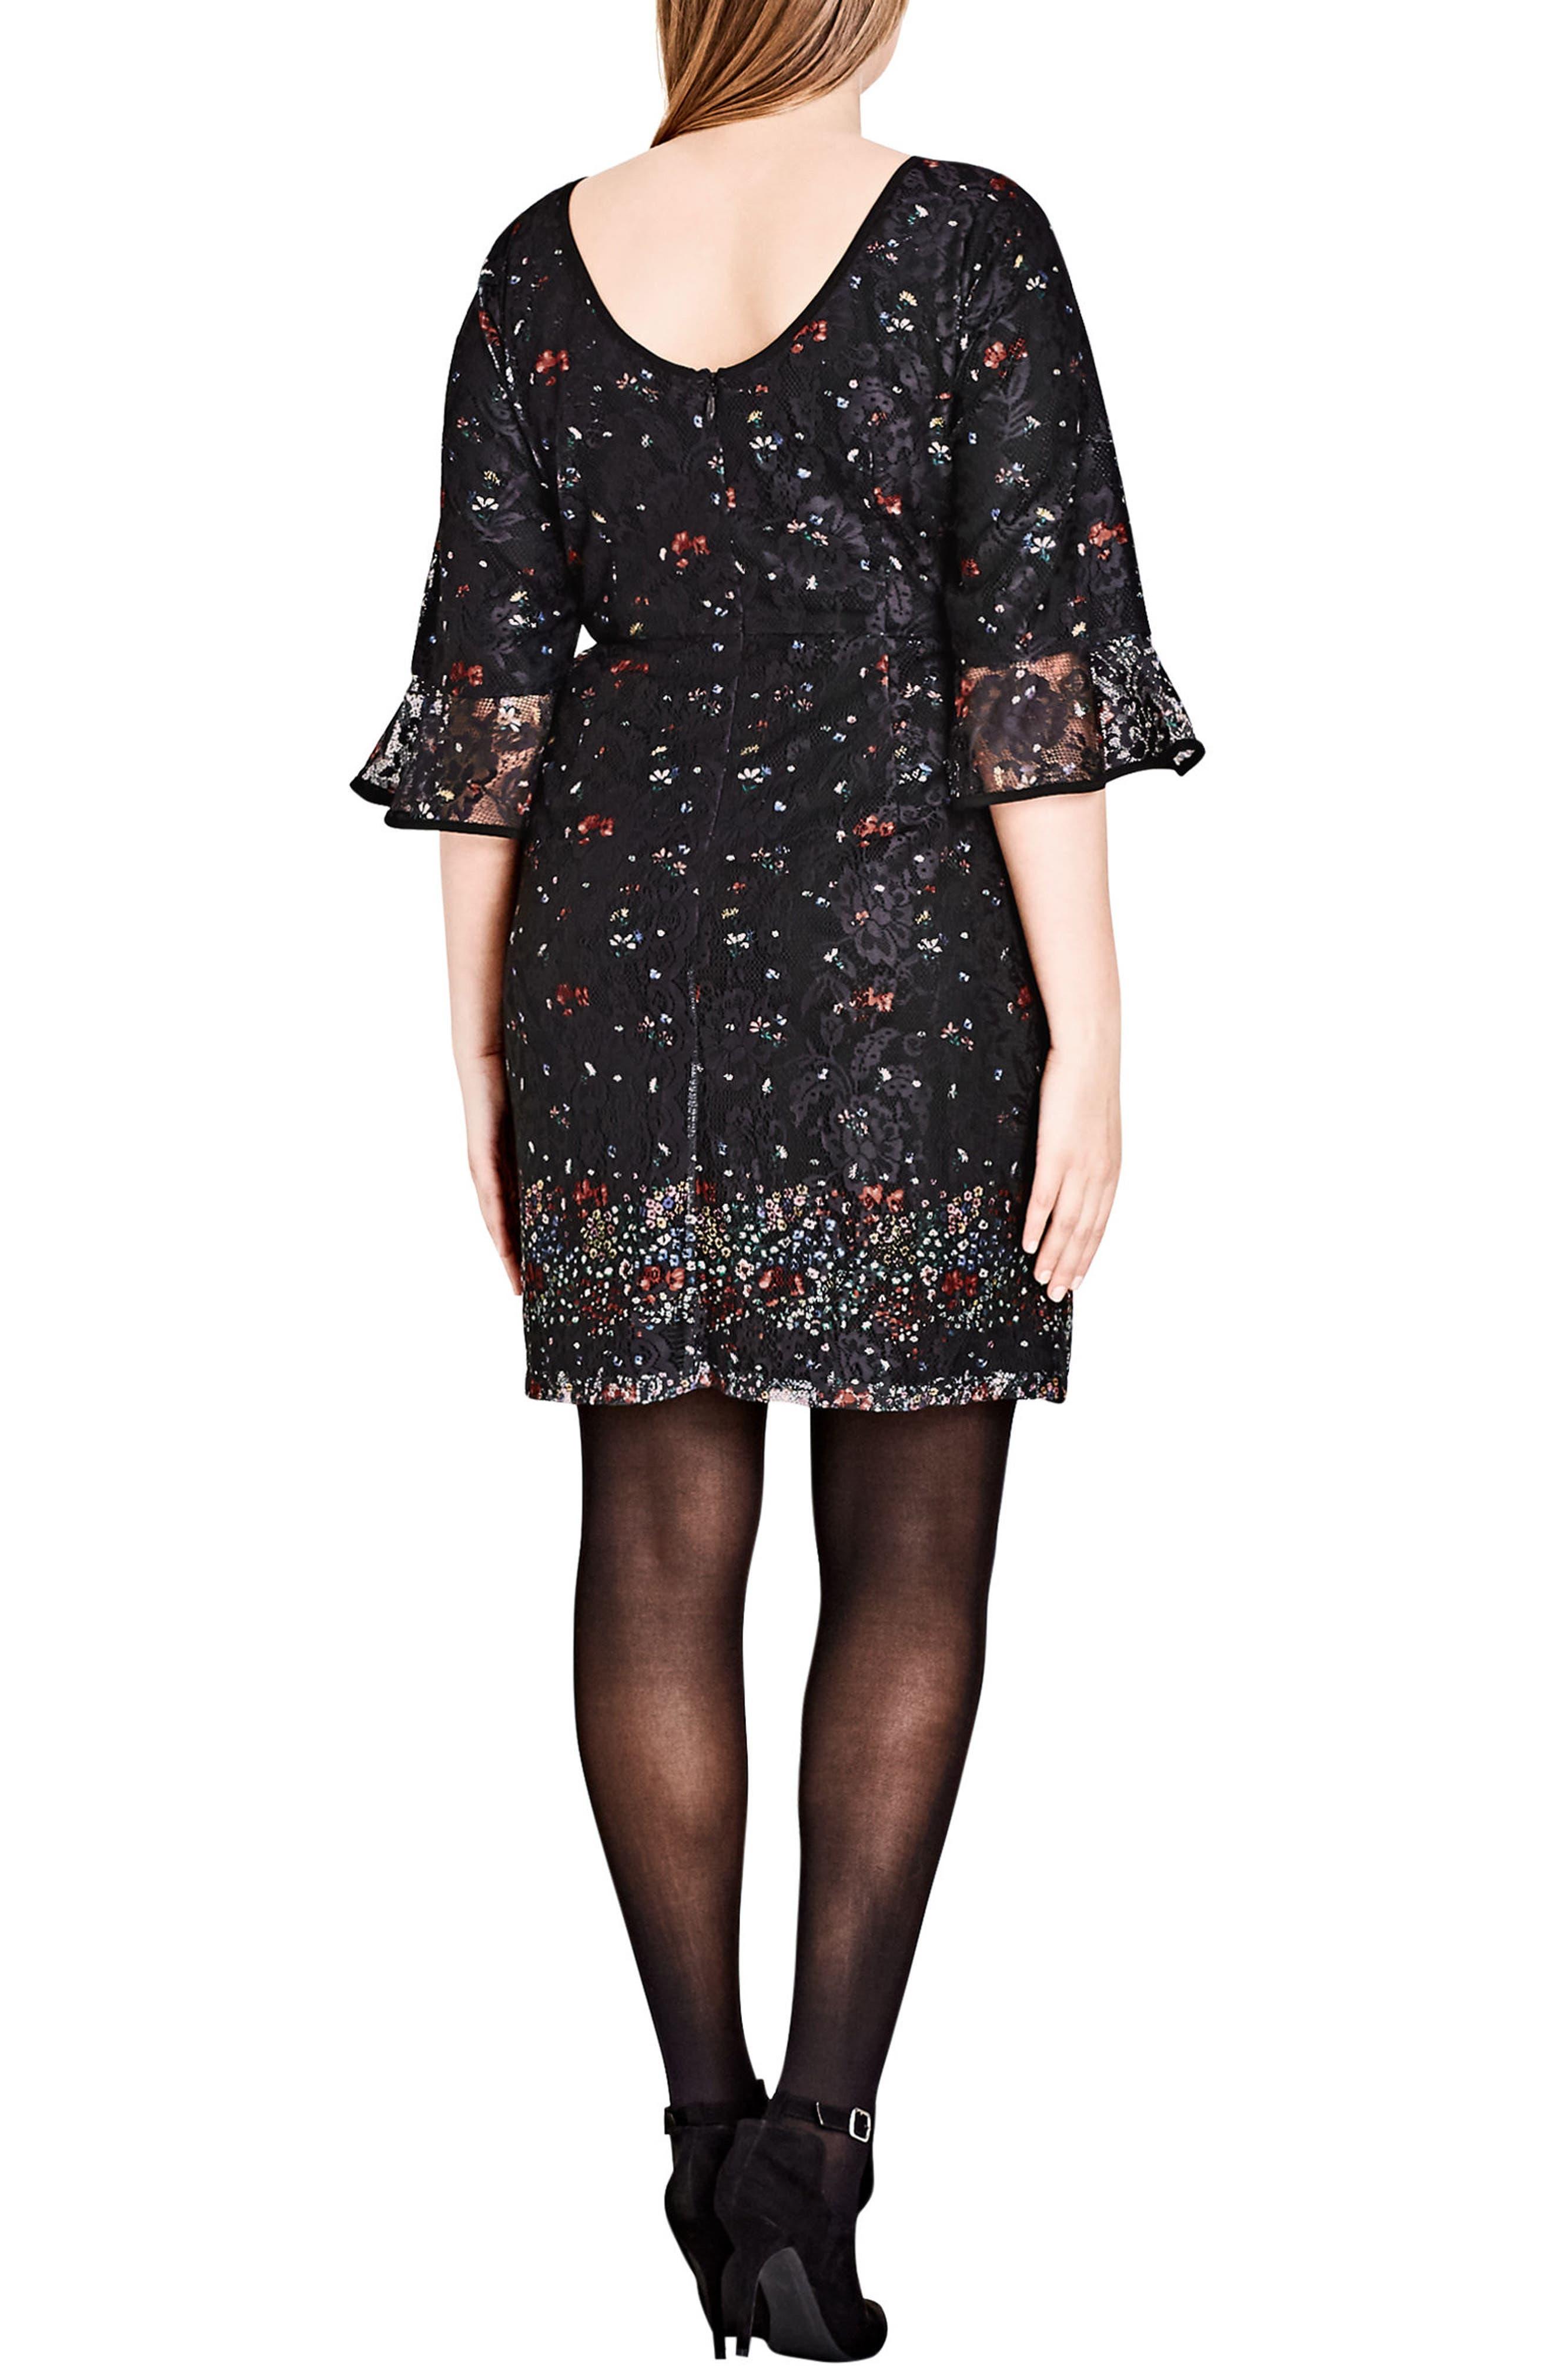 da07e66736 floral dress